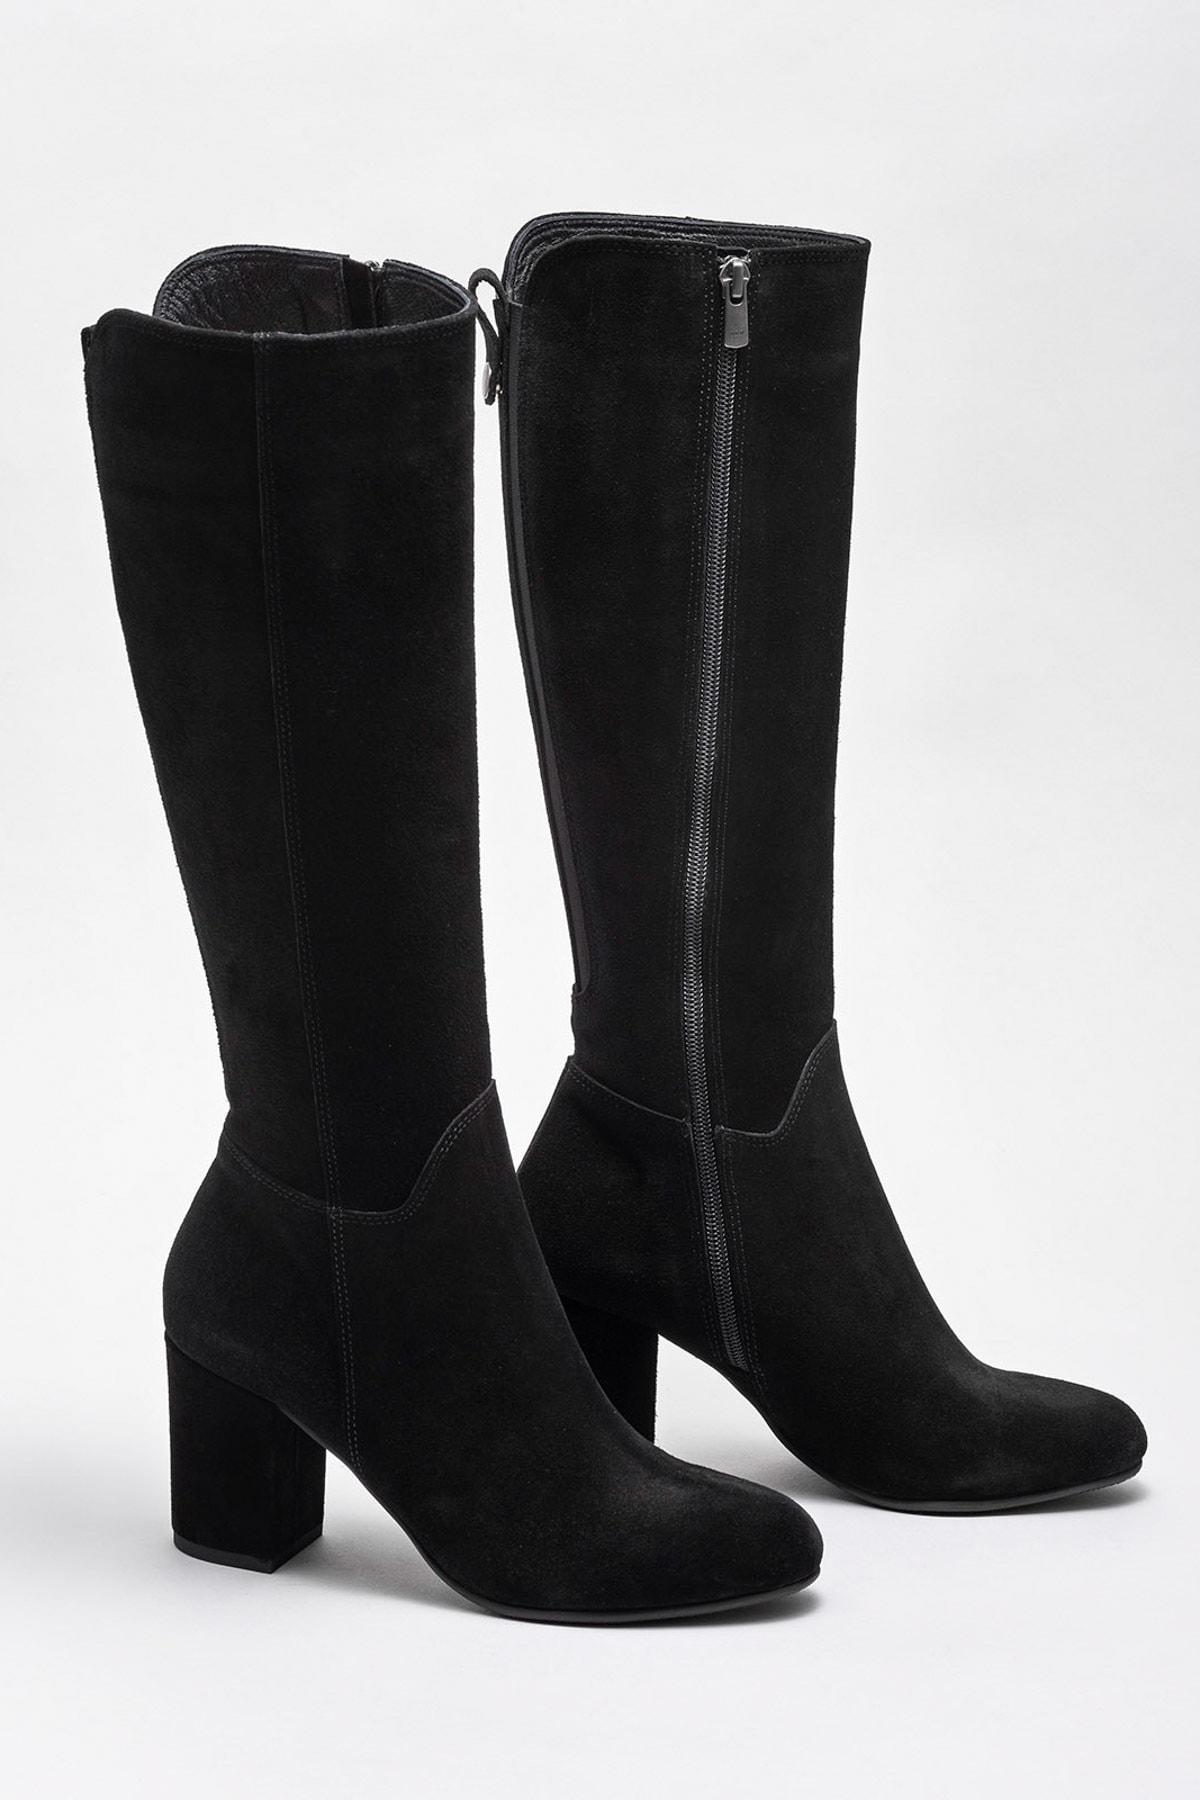 Elle Shoes Kadın Çizme Ronalde-1 20K128 2